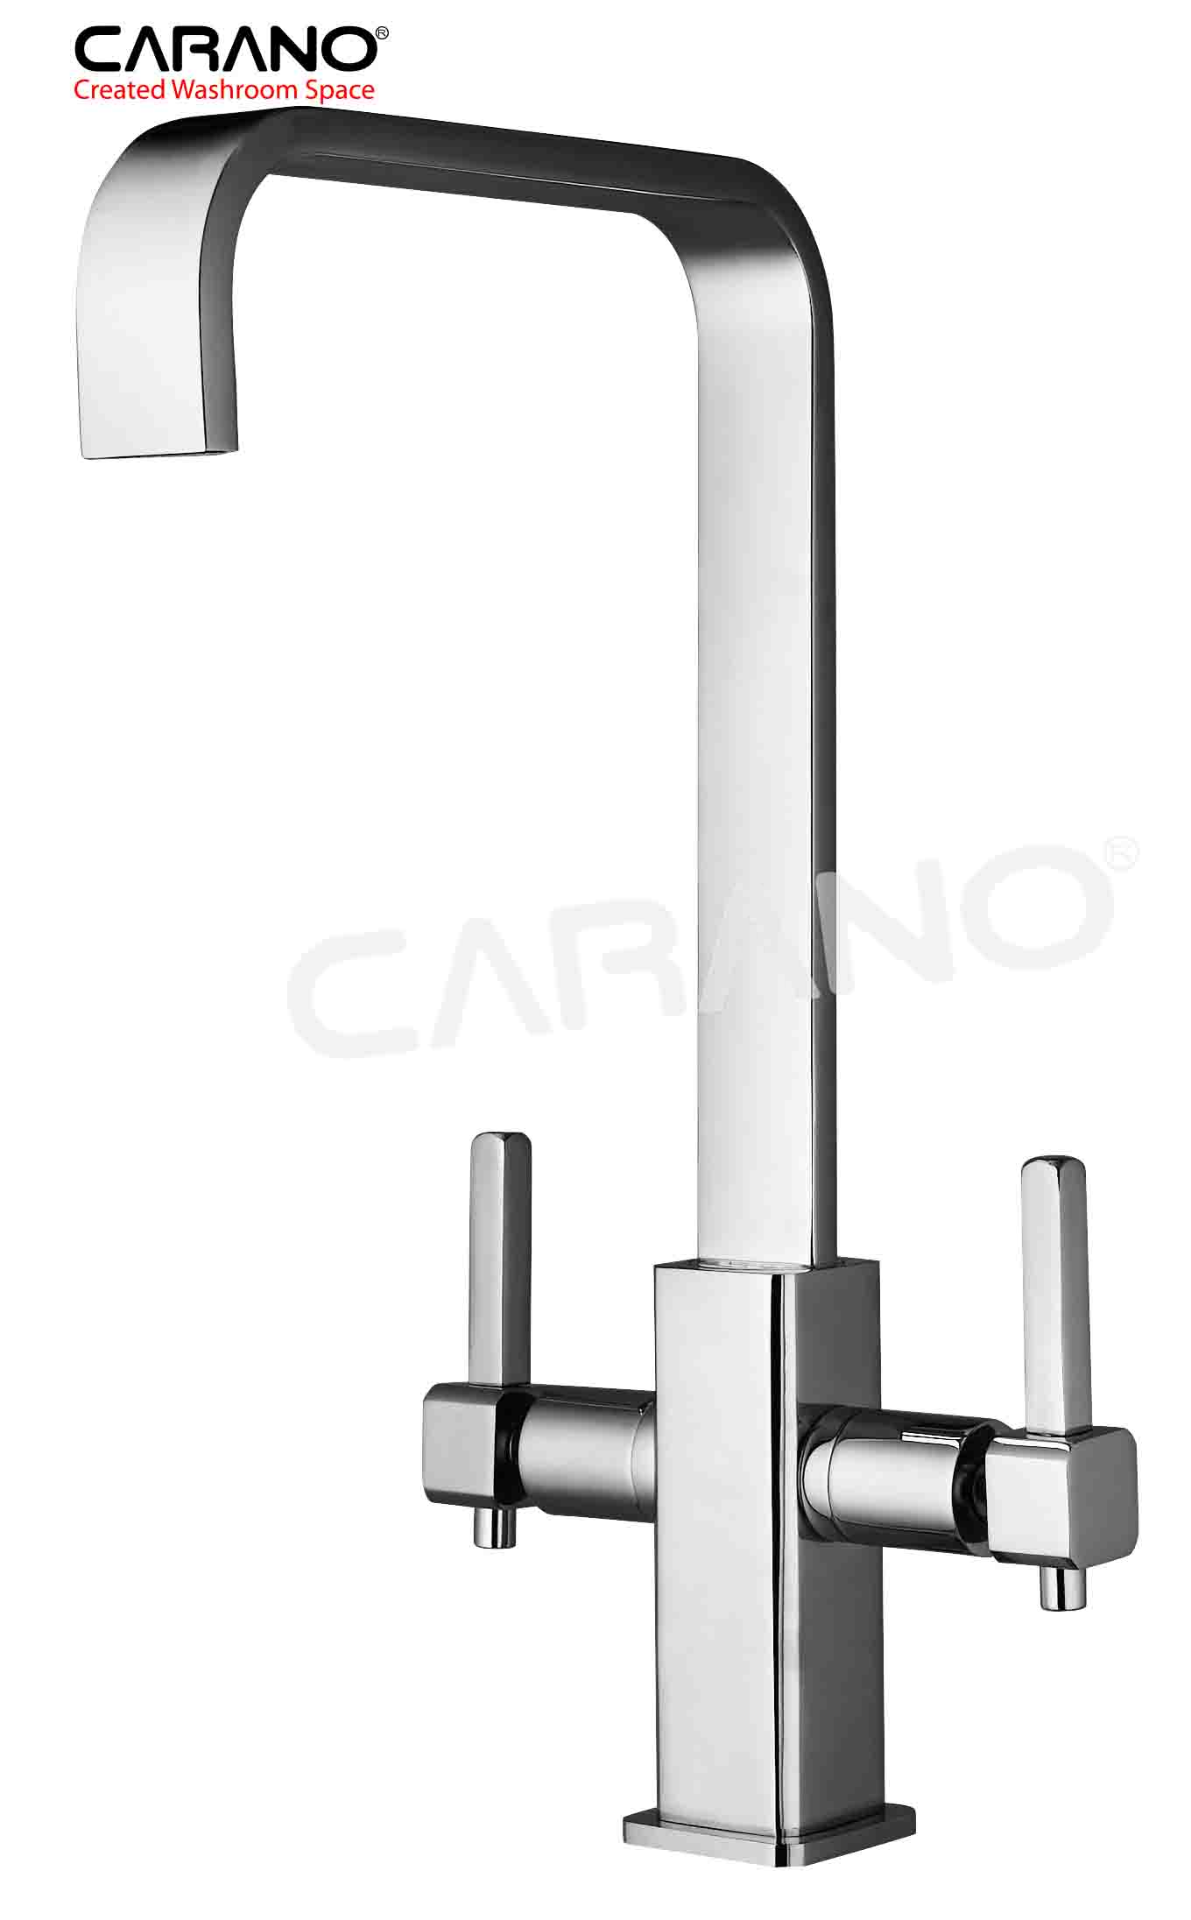 VÒI CHẬU NÓNG LẠNH CARANO K8301 (Vòi lavabo model: K8301)